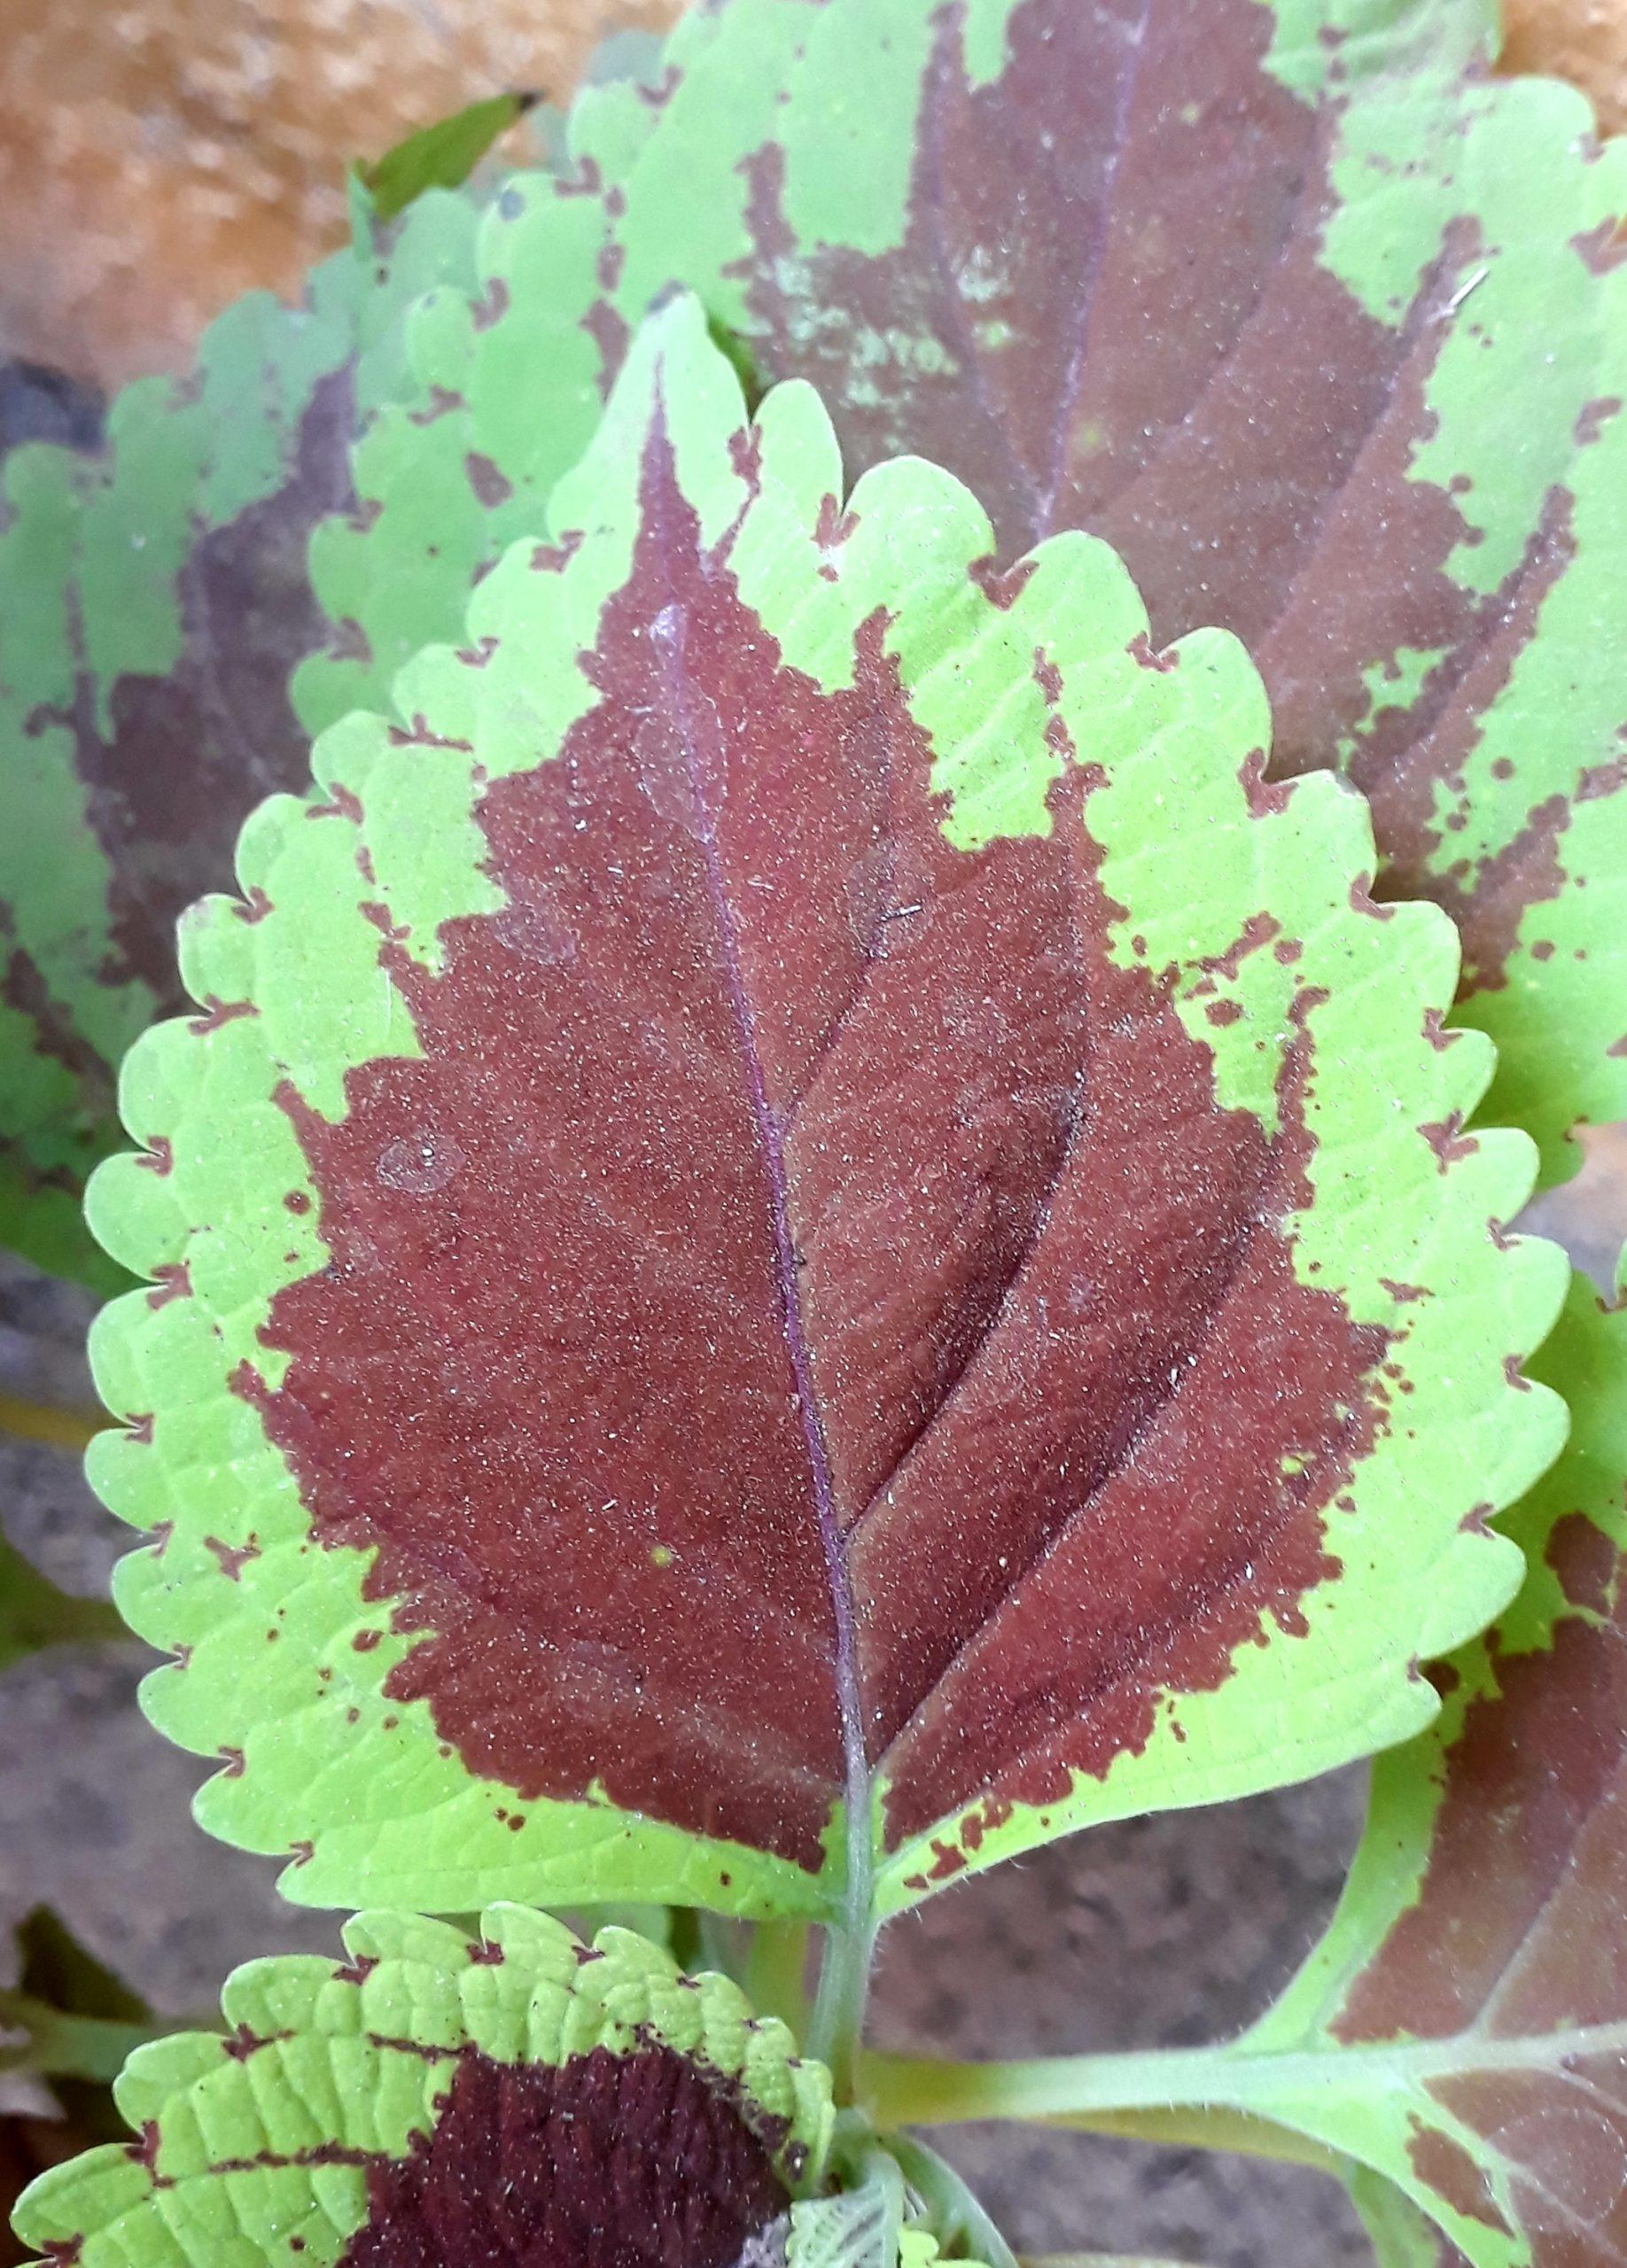 Leaf on plant